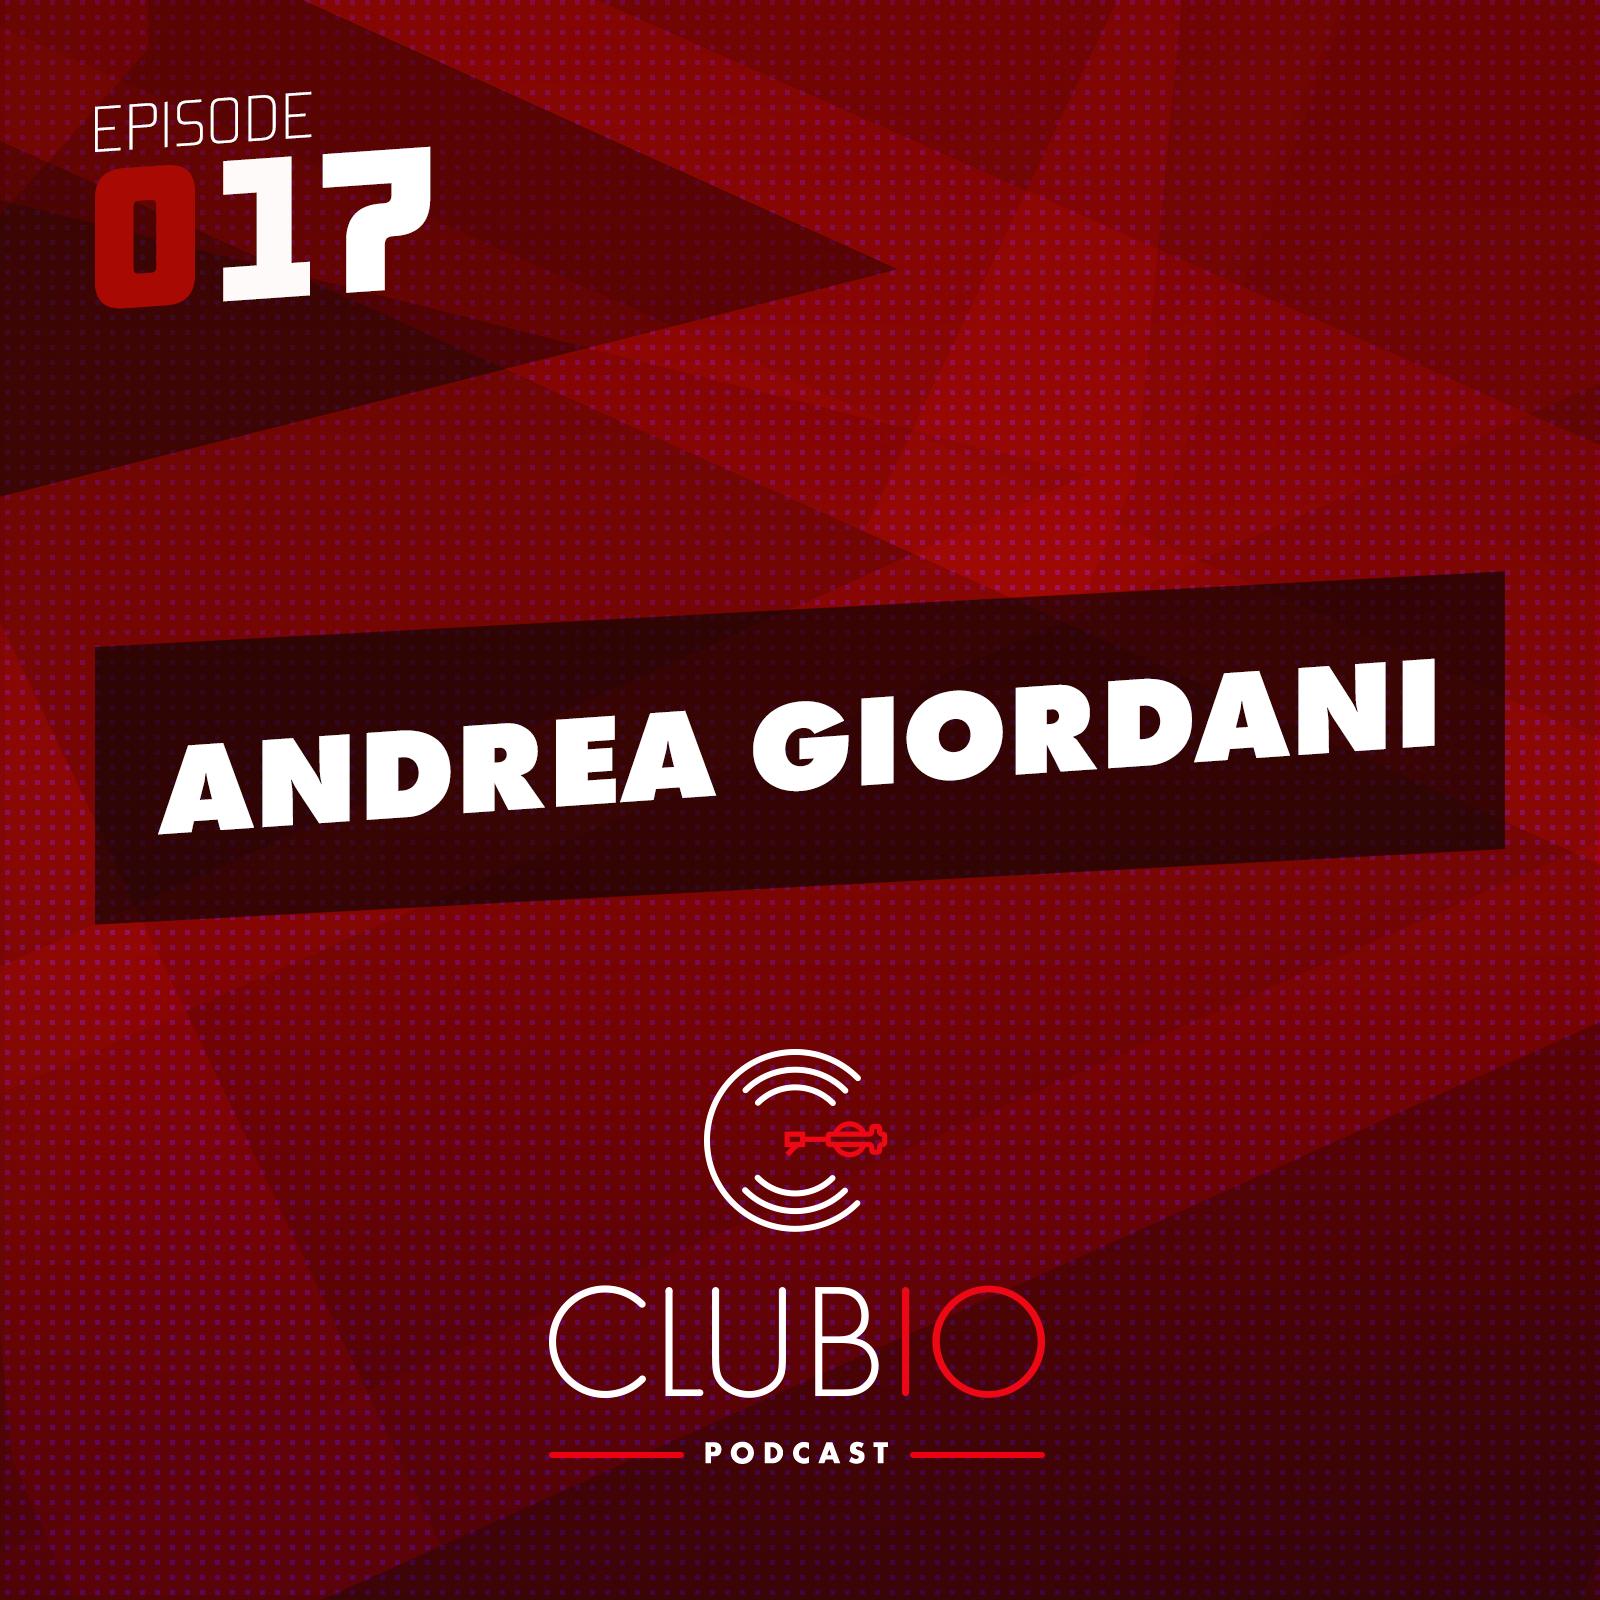 Clubio Podcast 017 - Andrea Giordani